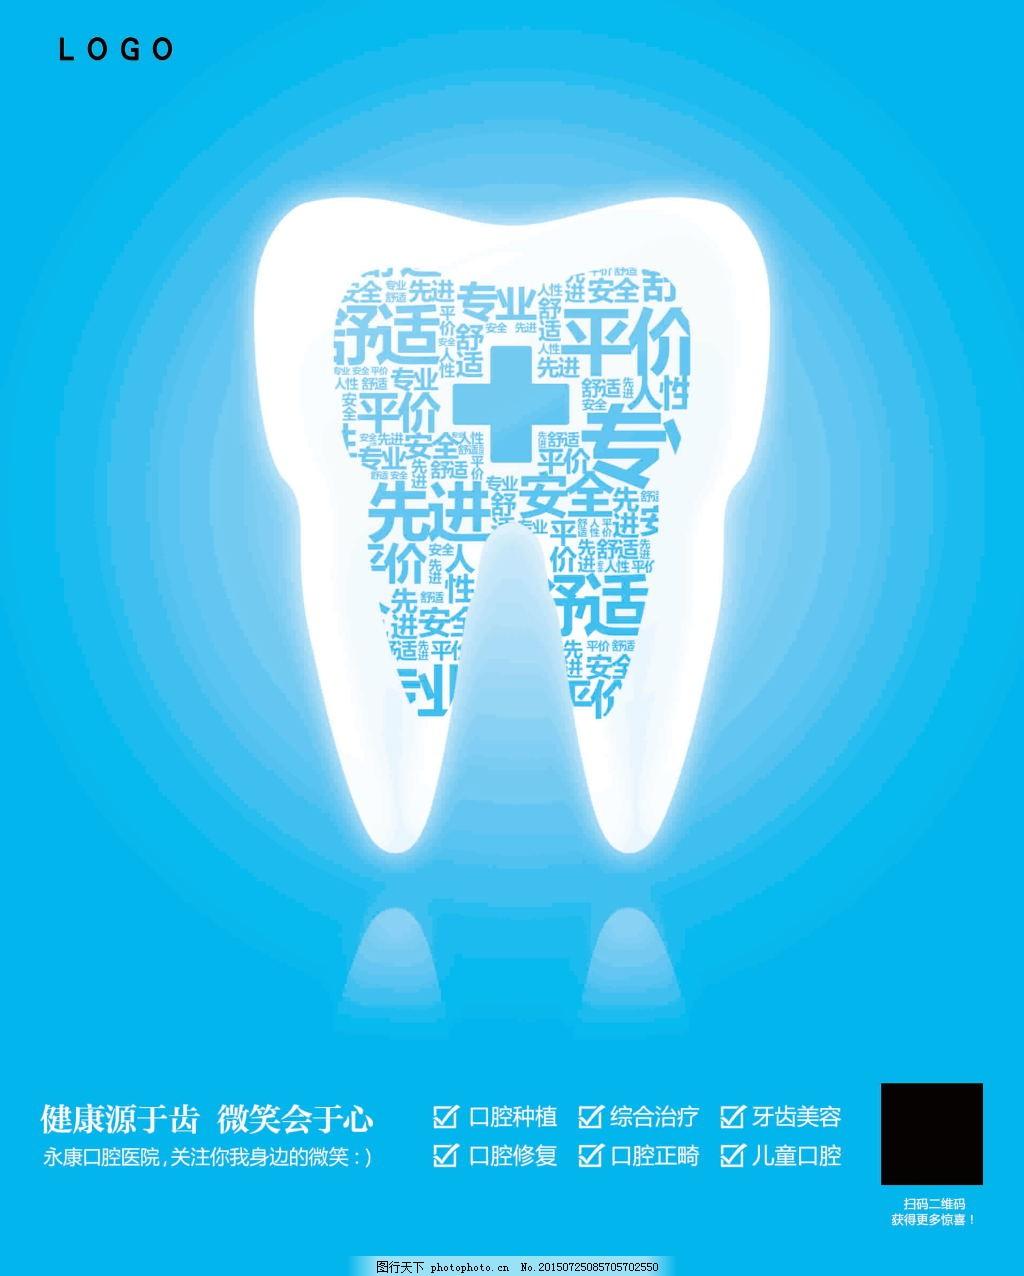 牙齿口腔商业宣传海报展板